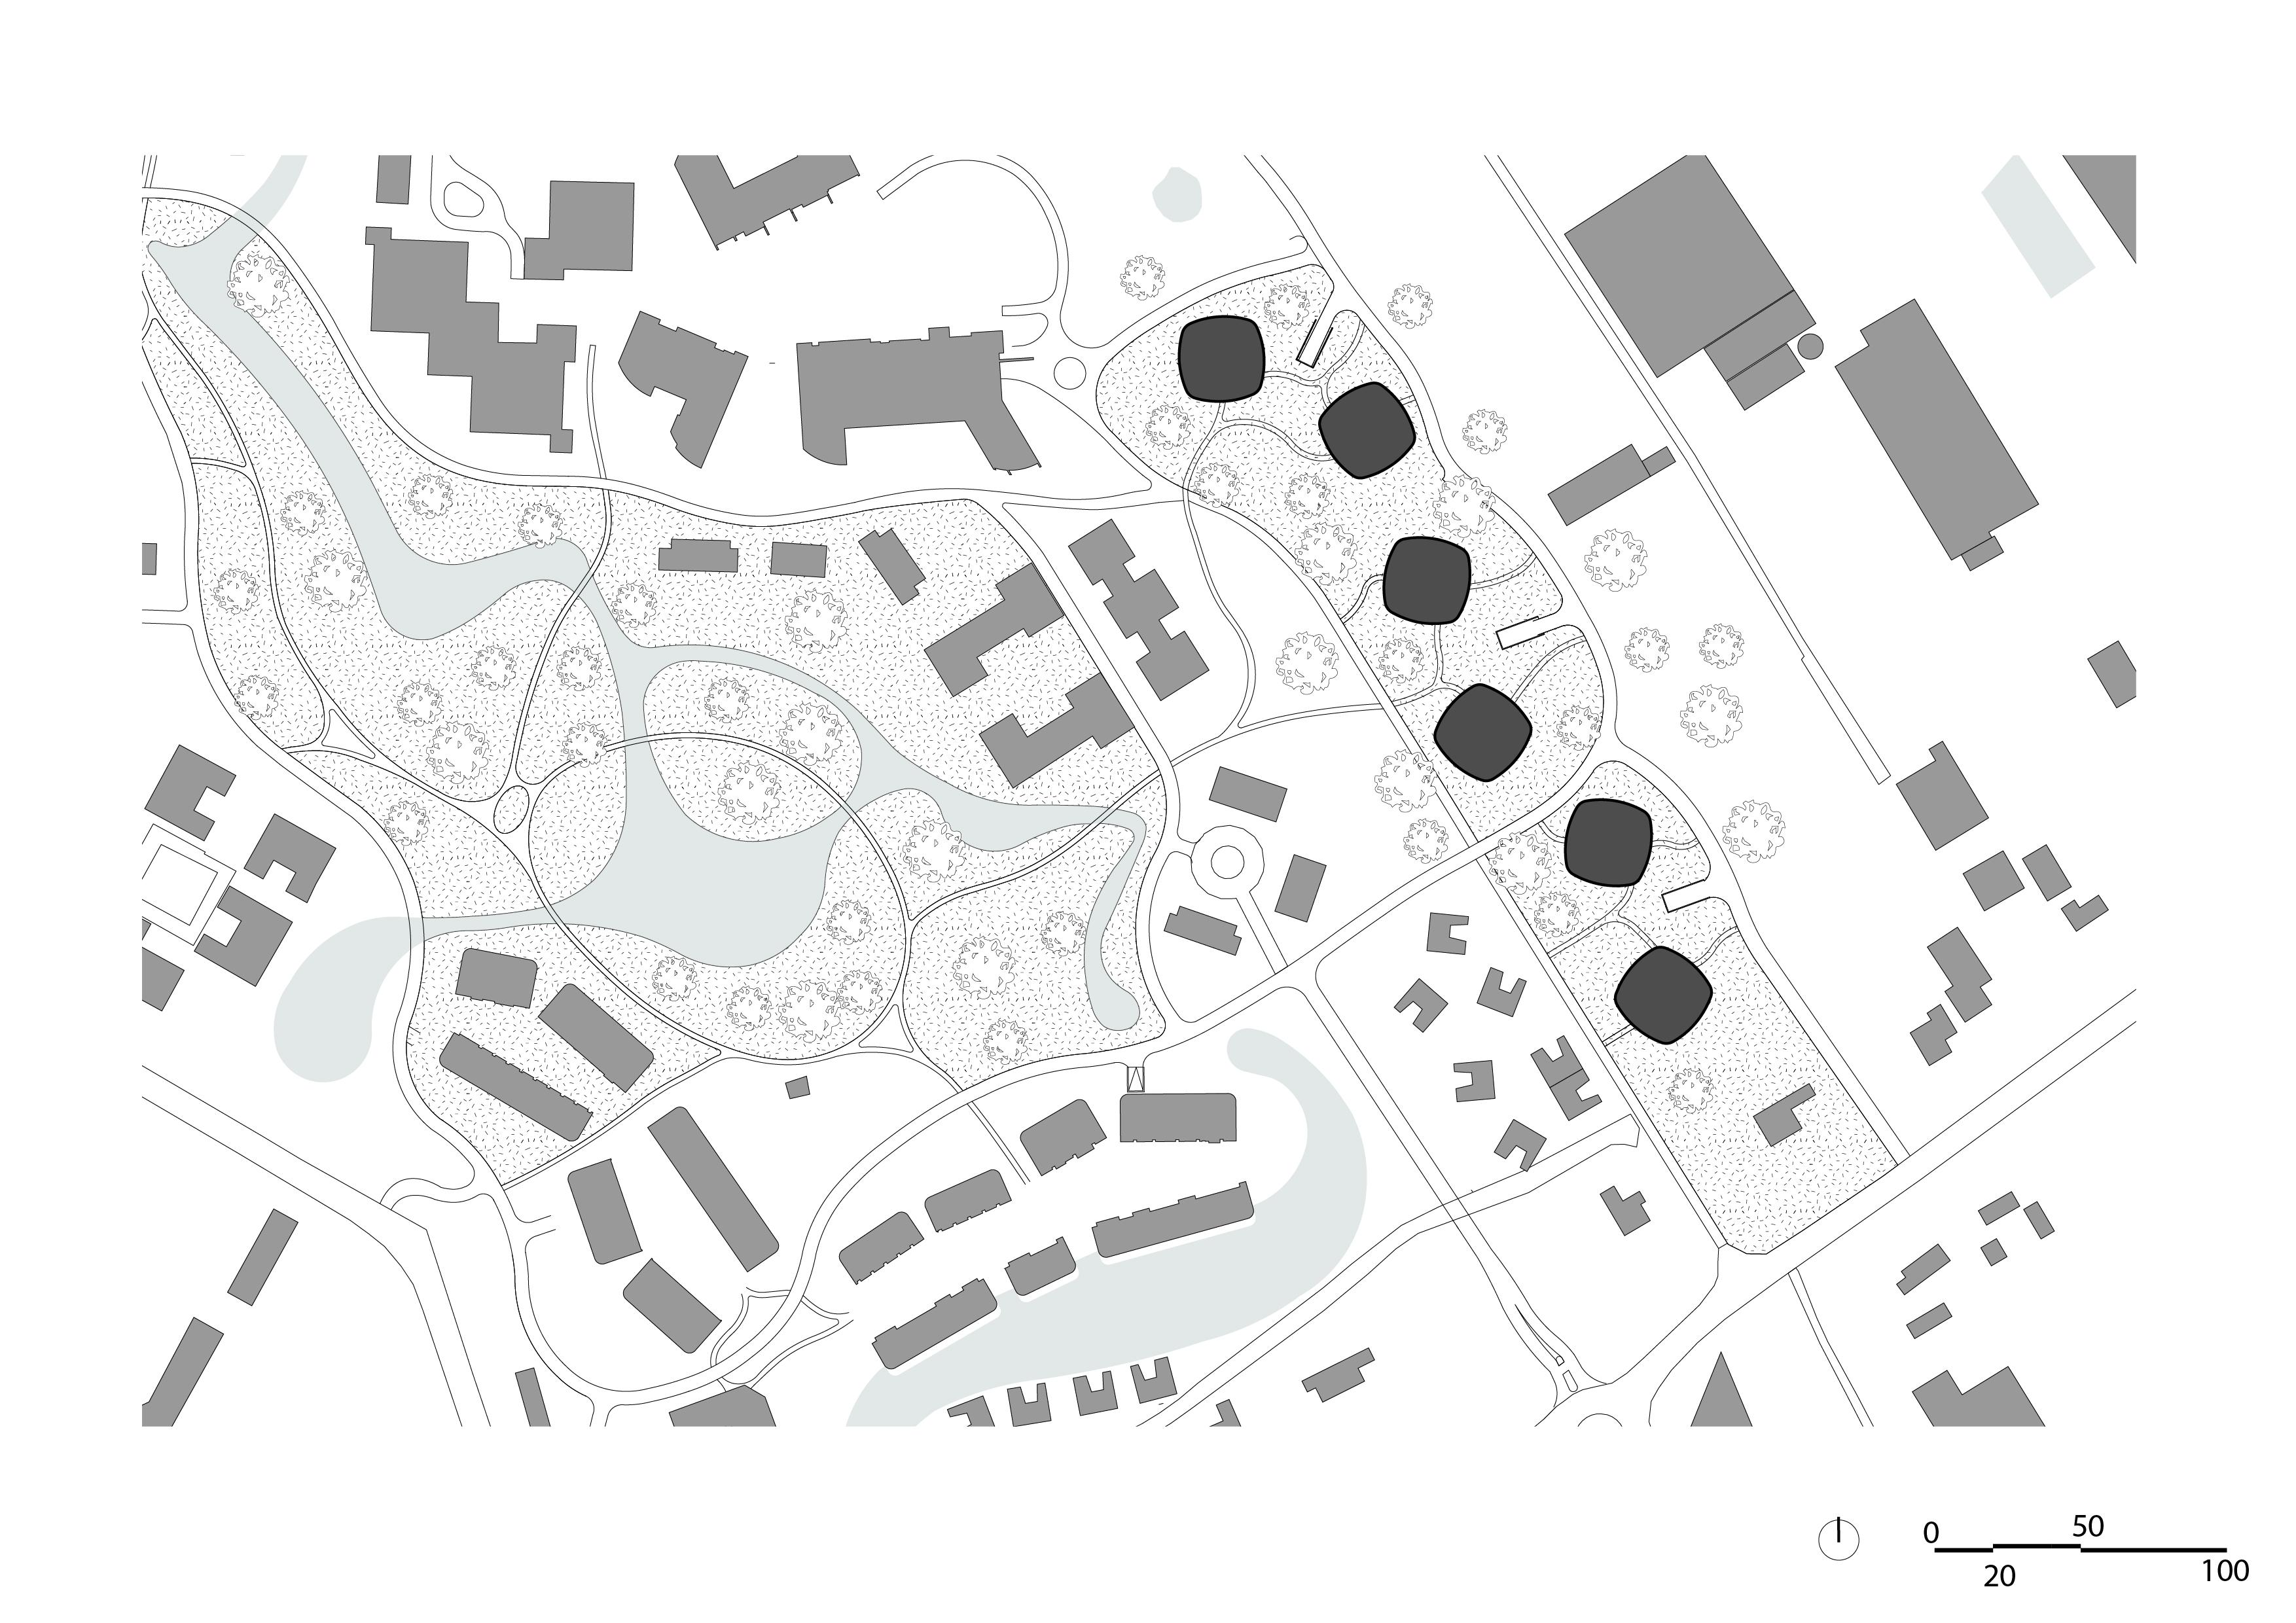 Laanvilla's Noordwijkerduin – Situatie